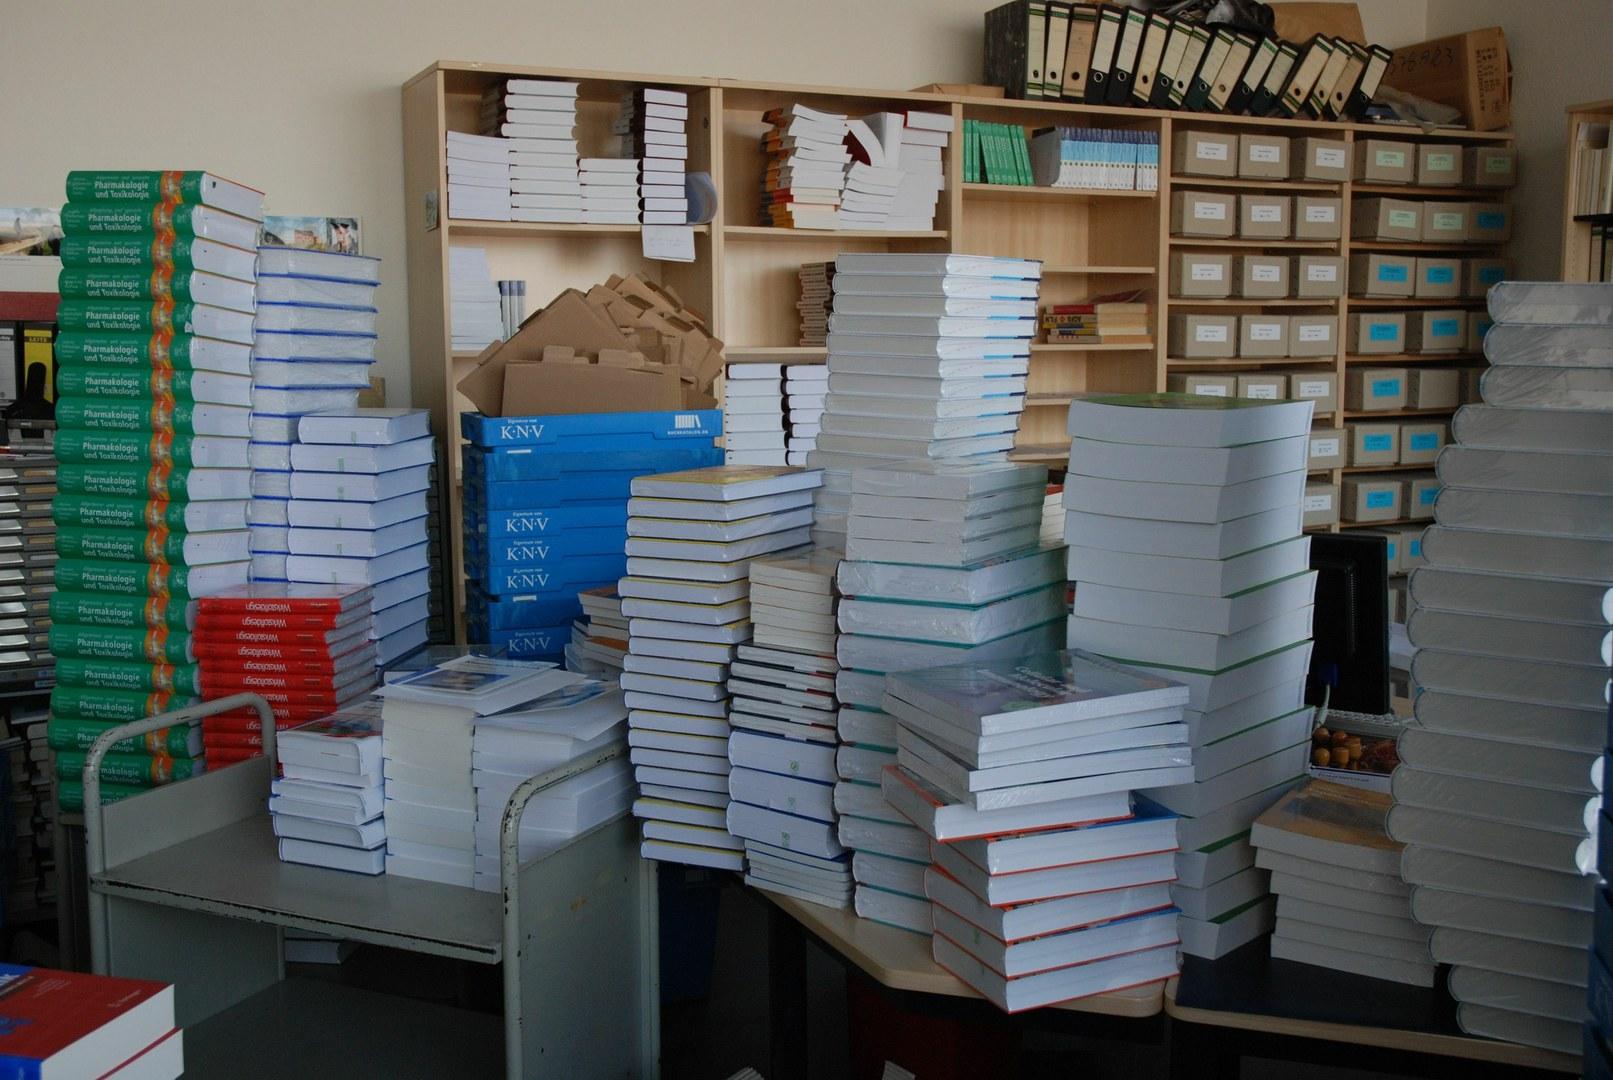 Bild 20.000 neue Lehrbücher gekauft